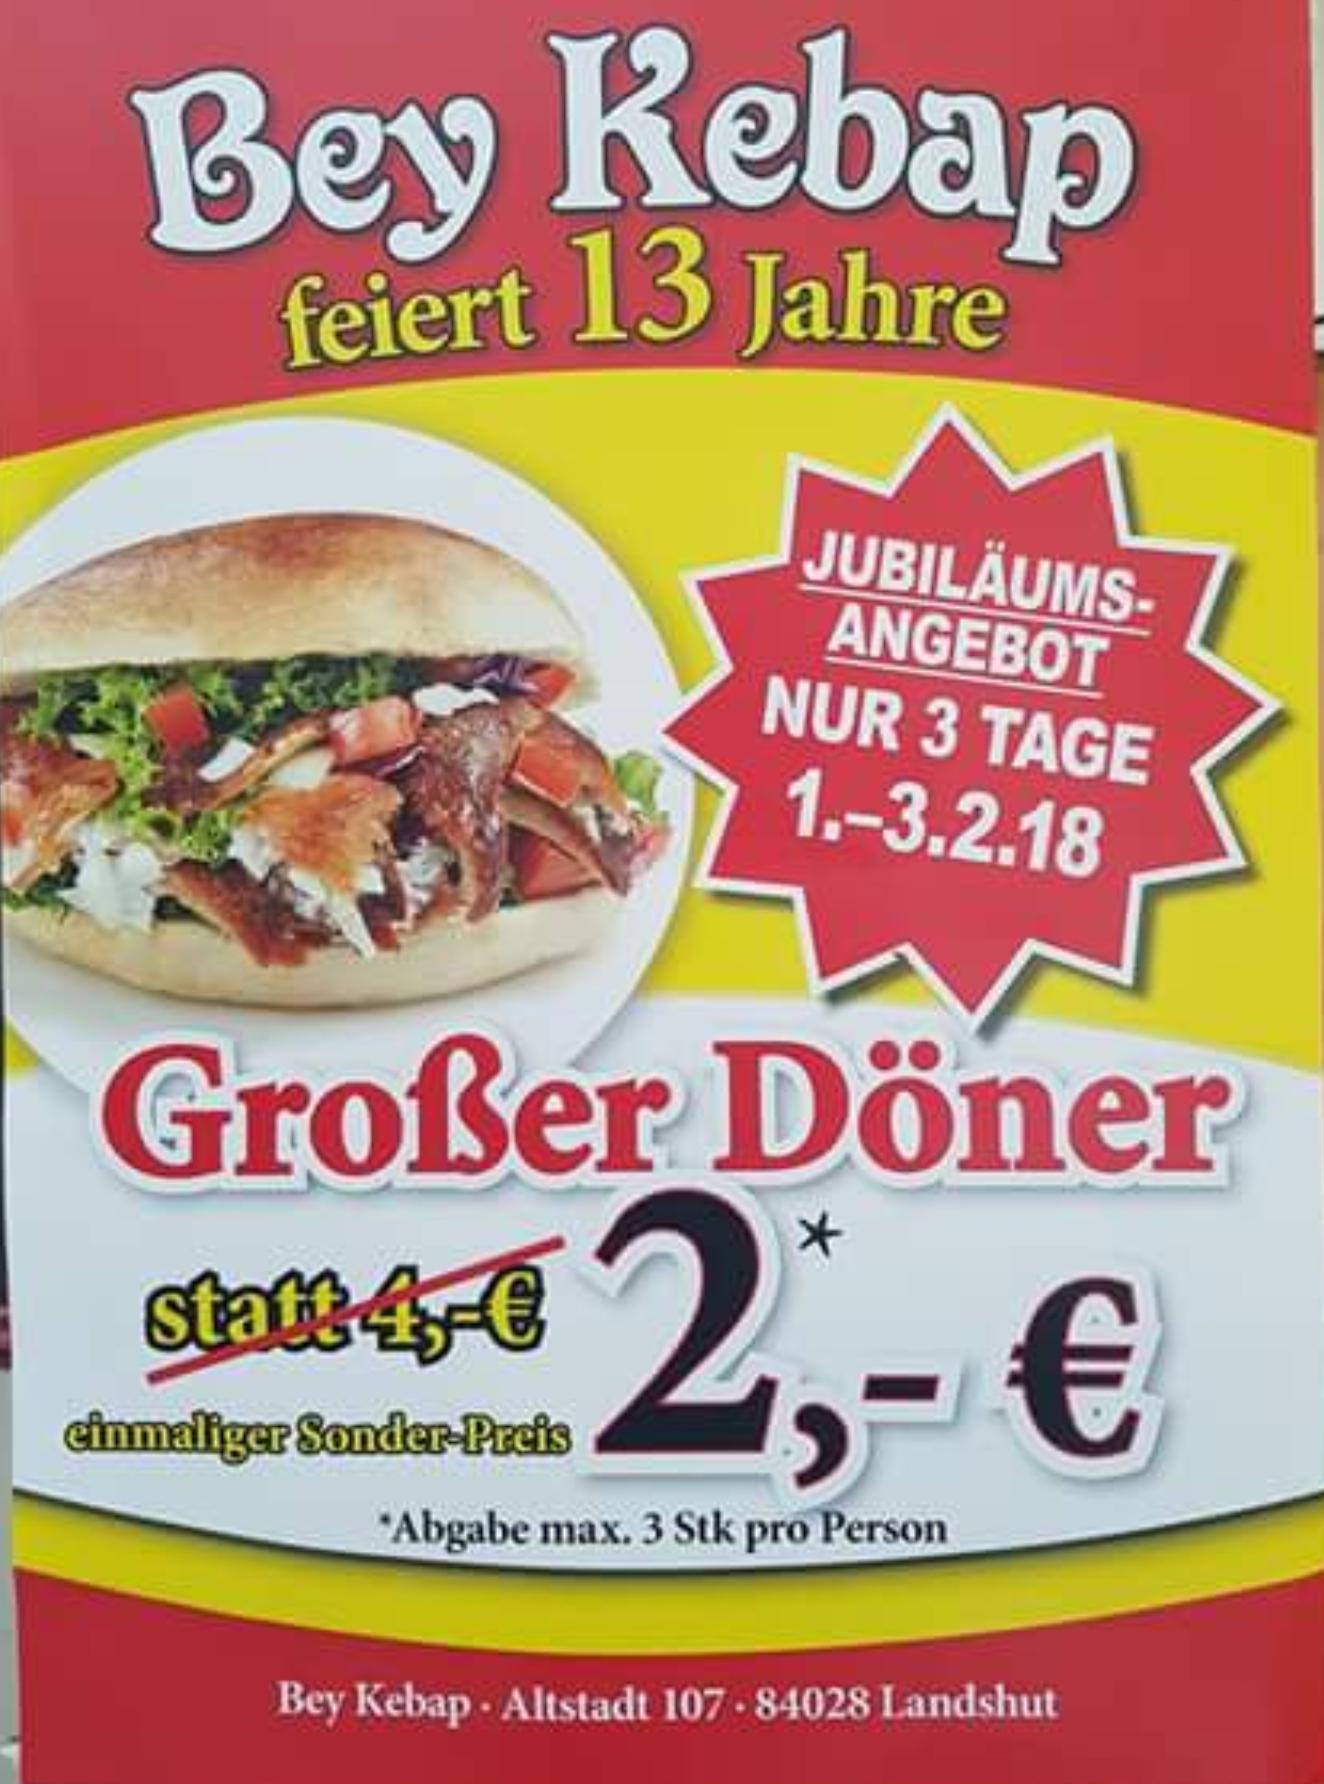 [1. - 3.2|Landshut] Großer Döner für 2€ - Bey Kebap feiert 13 Jahre.